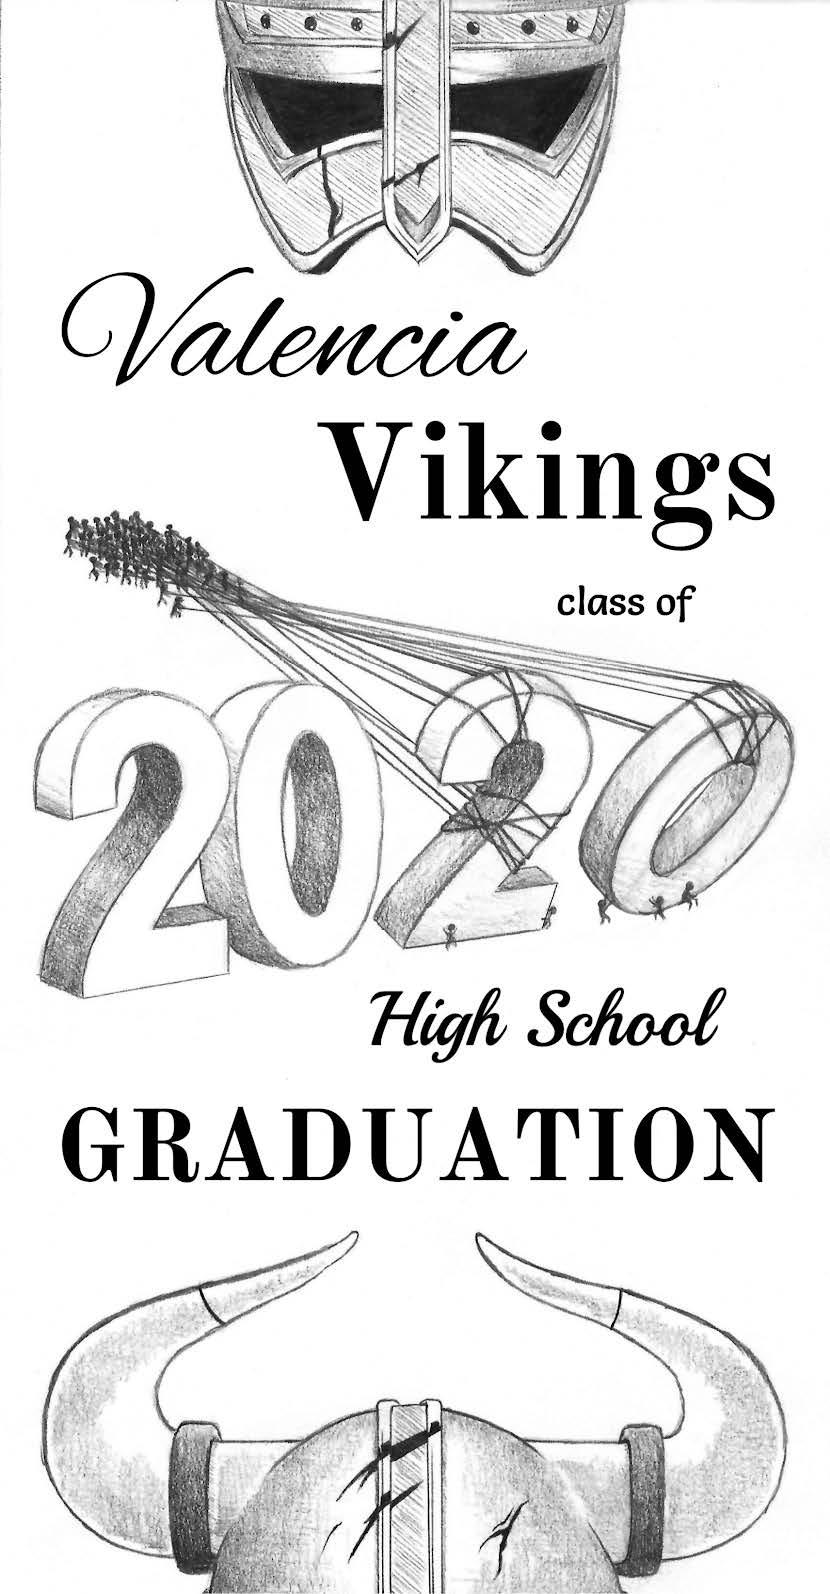 2020 program cover by Caitlyn Baker